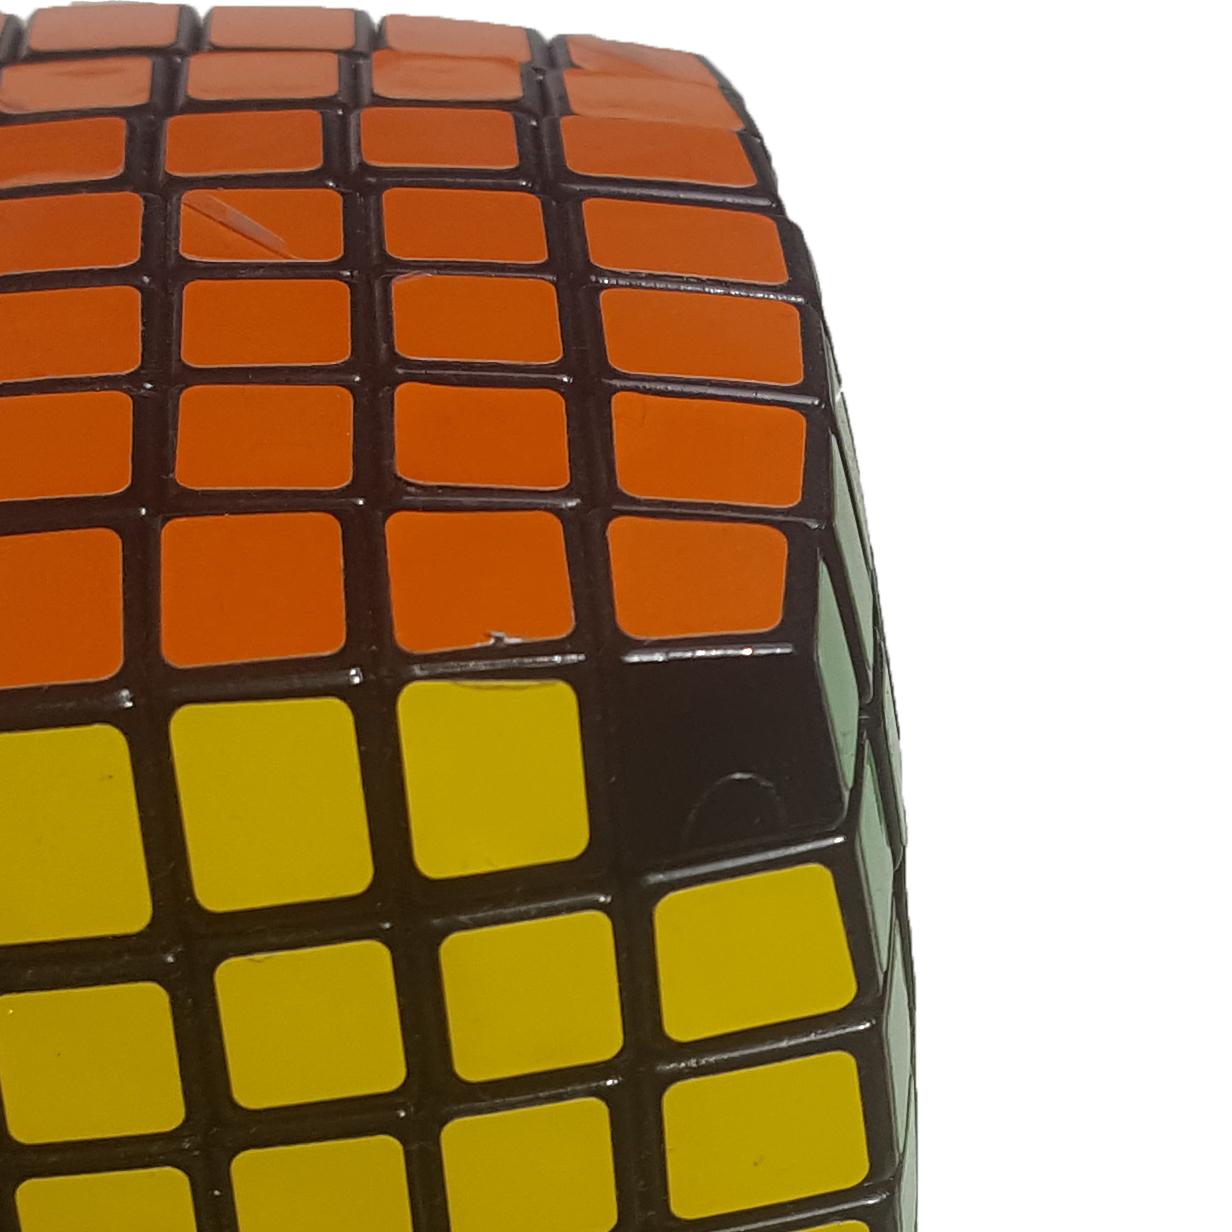 zauberwürfel 7x7 aufkleber